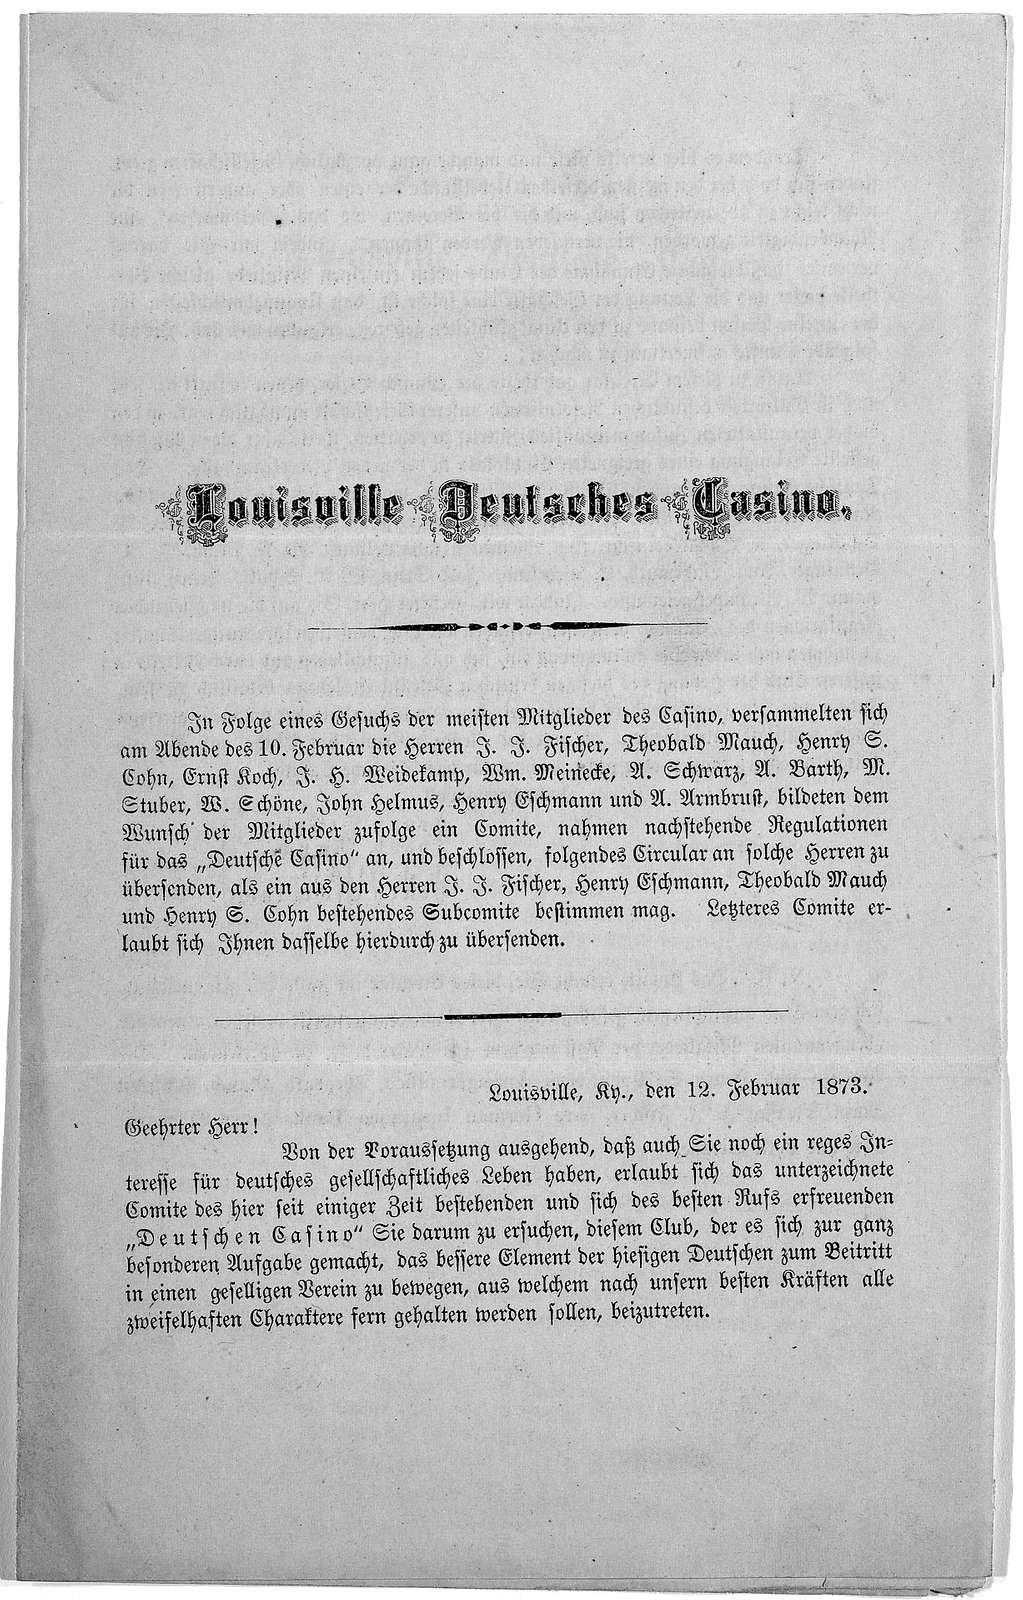 Refulationen fur das Louisville Deutsche Casino. [1873].